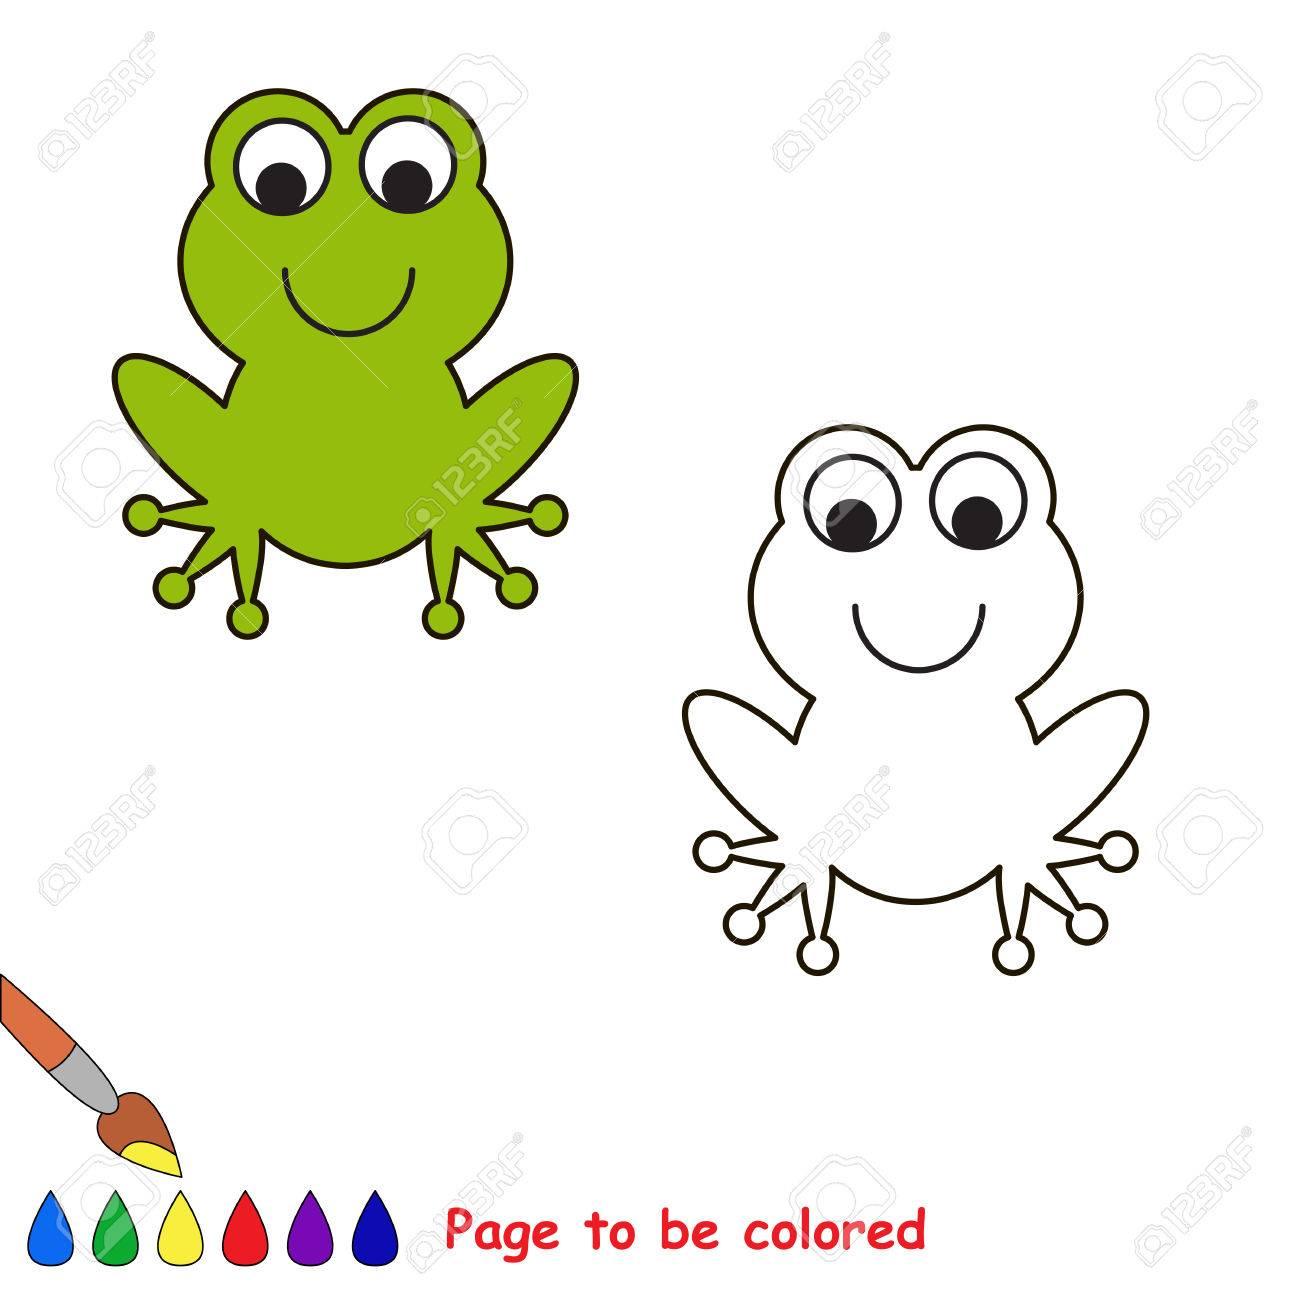 Cartoon Frosch Gefärbt Werden. Malbuch Für Kinder. Lizenzfrei ...